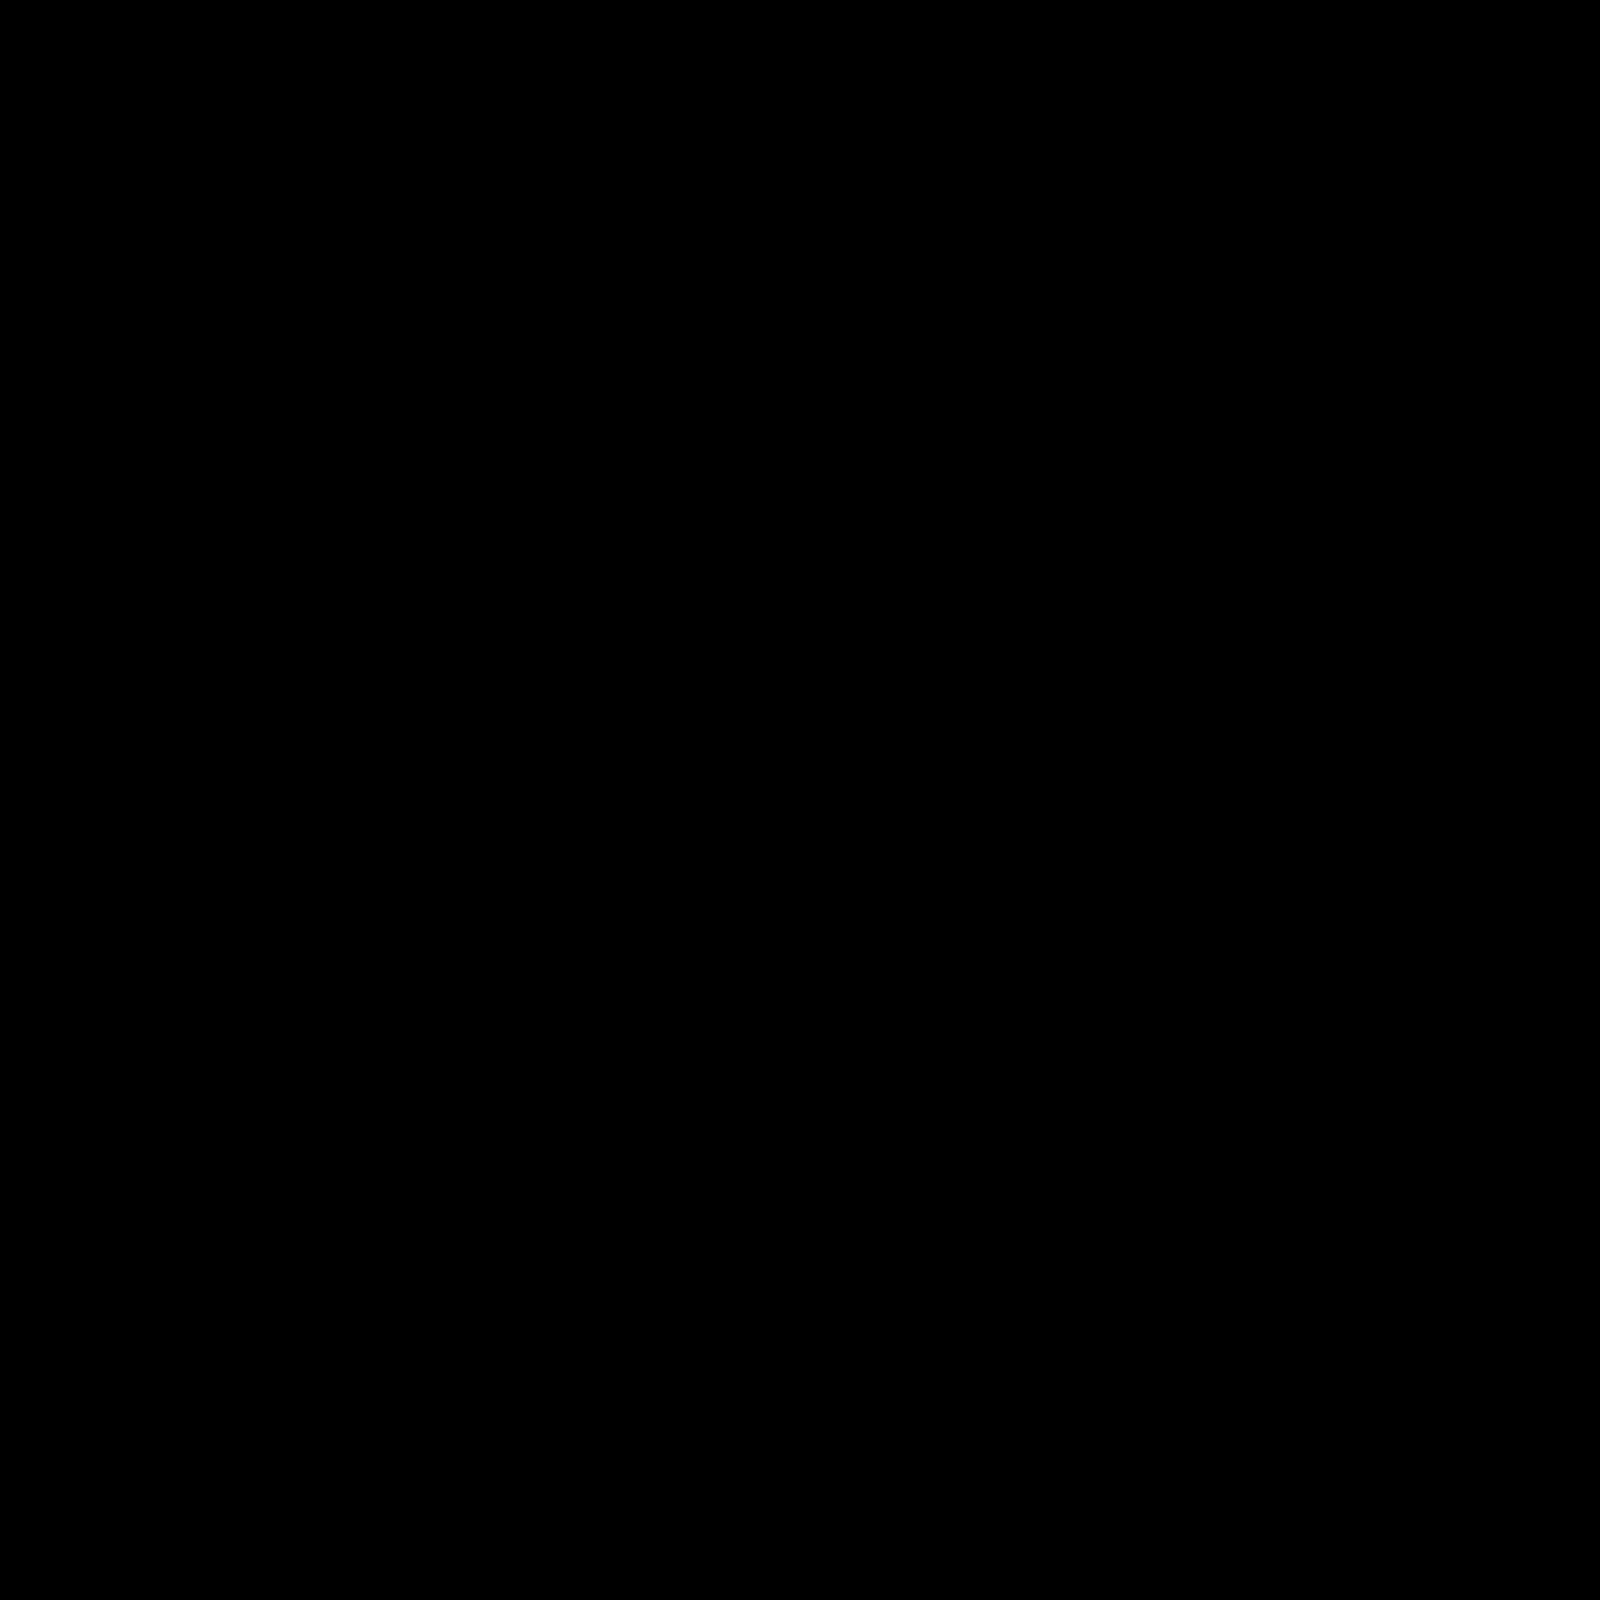 Rury icon